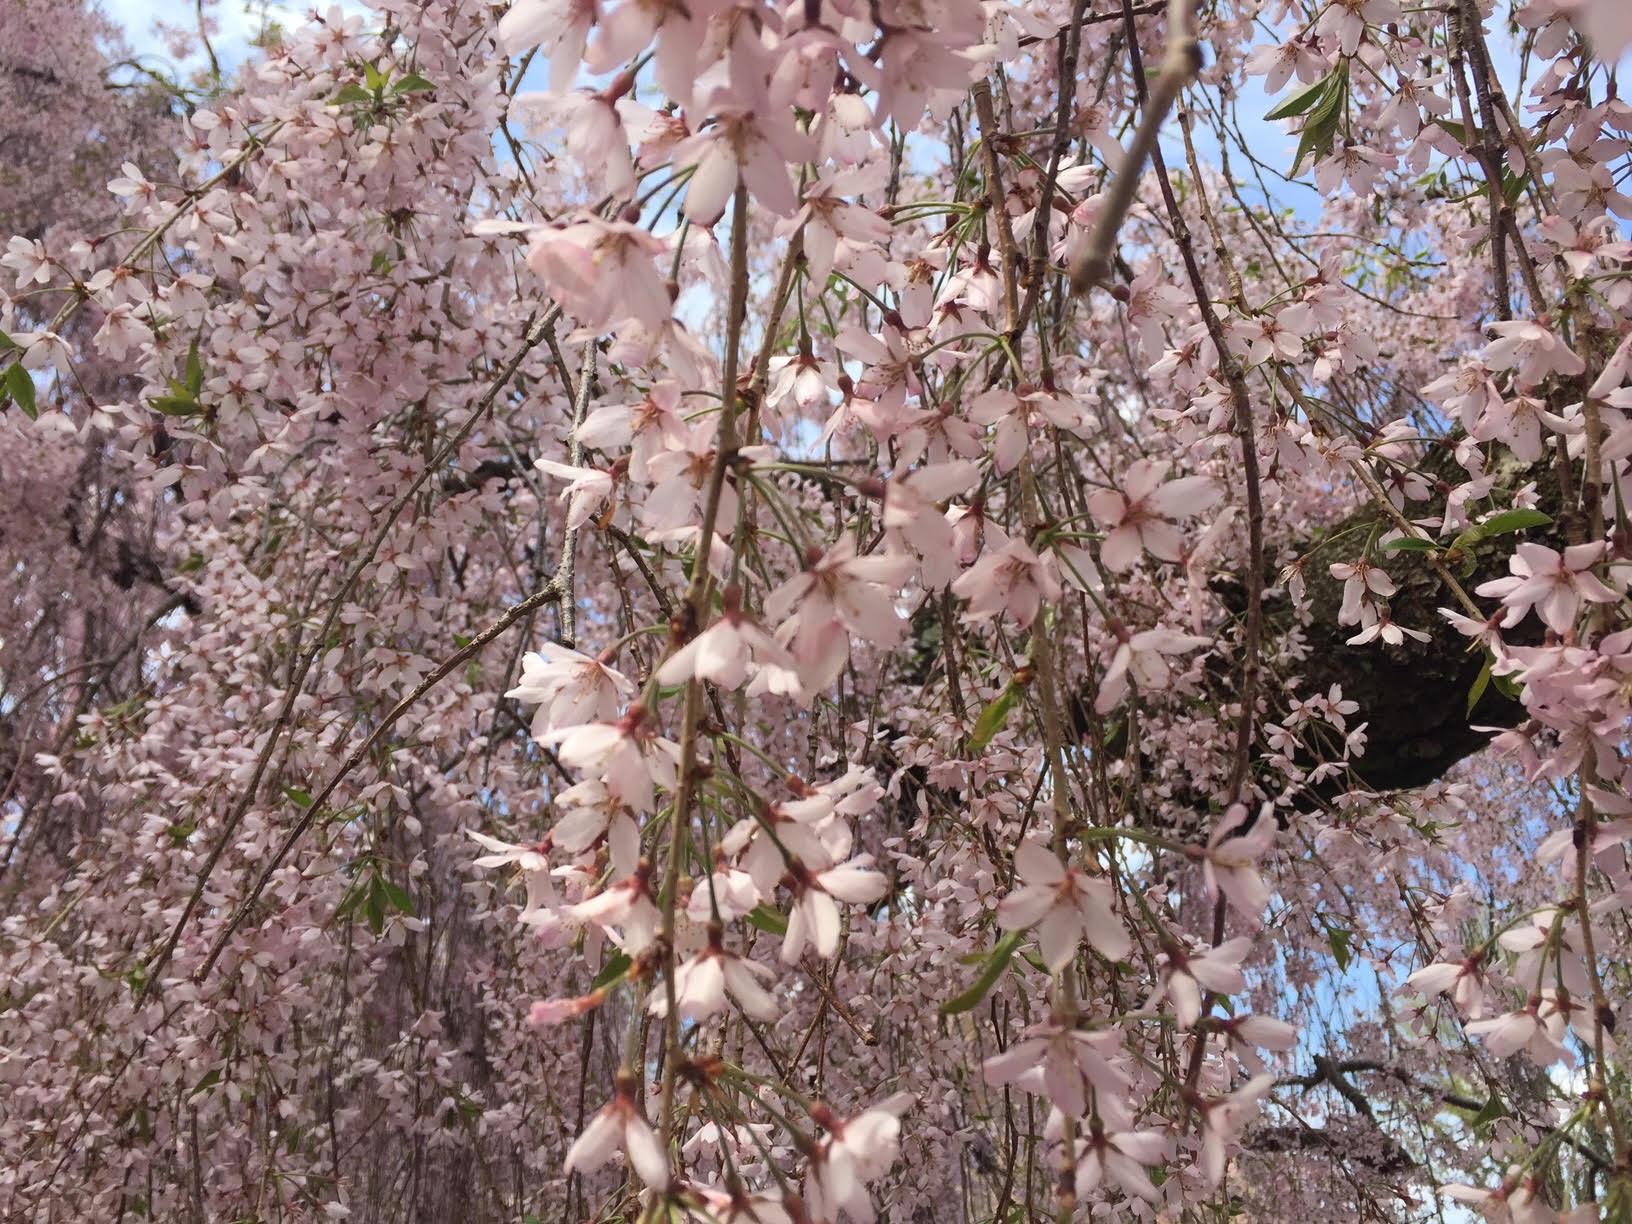 Cherry blossoms (Sakura) in Philadelphia - April 2019